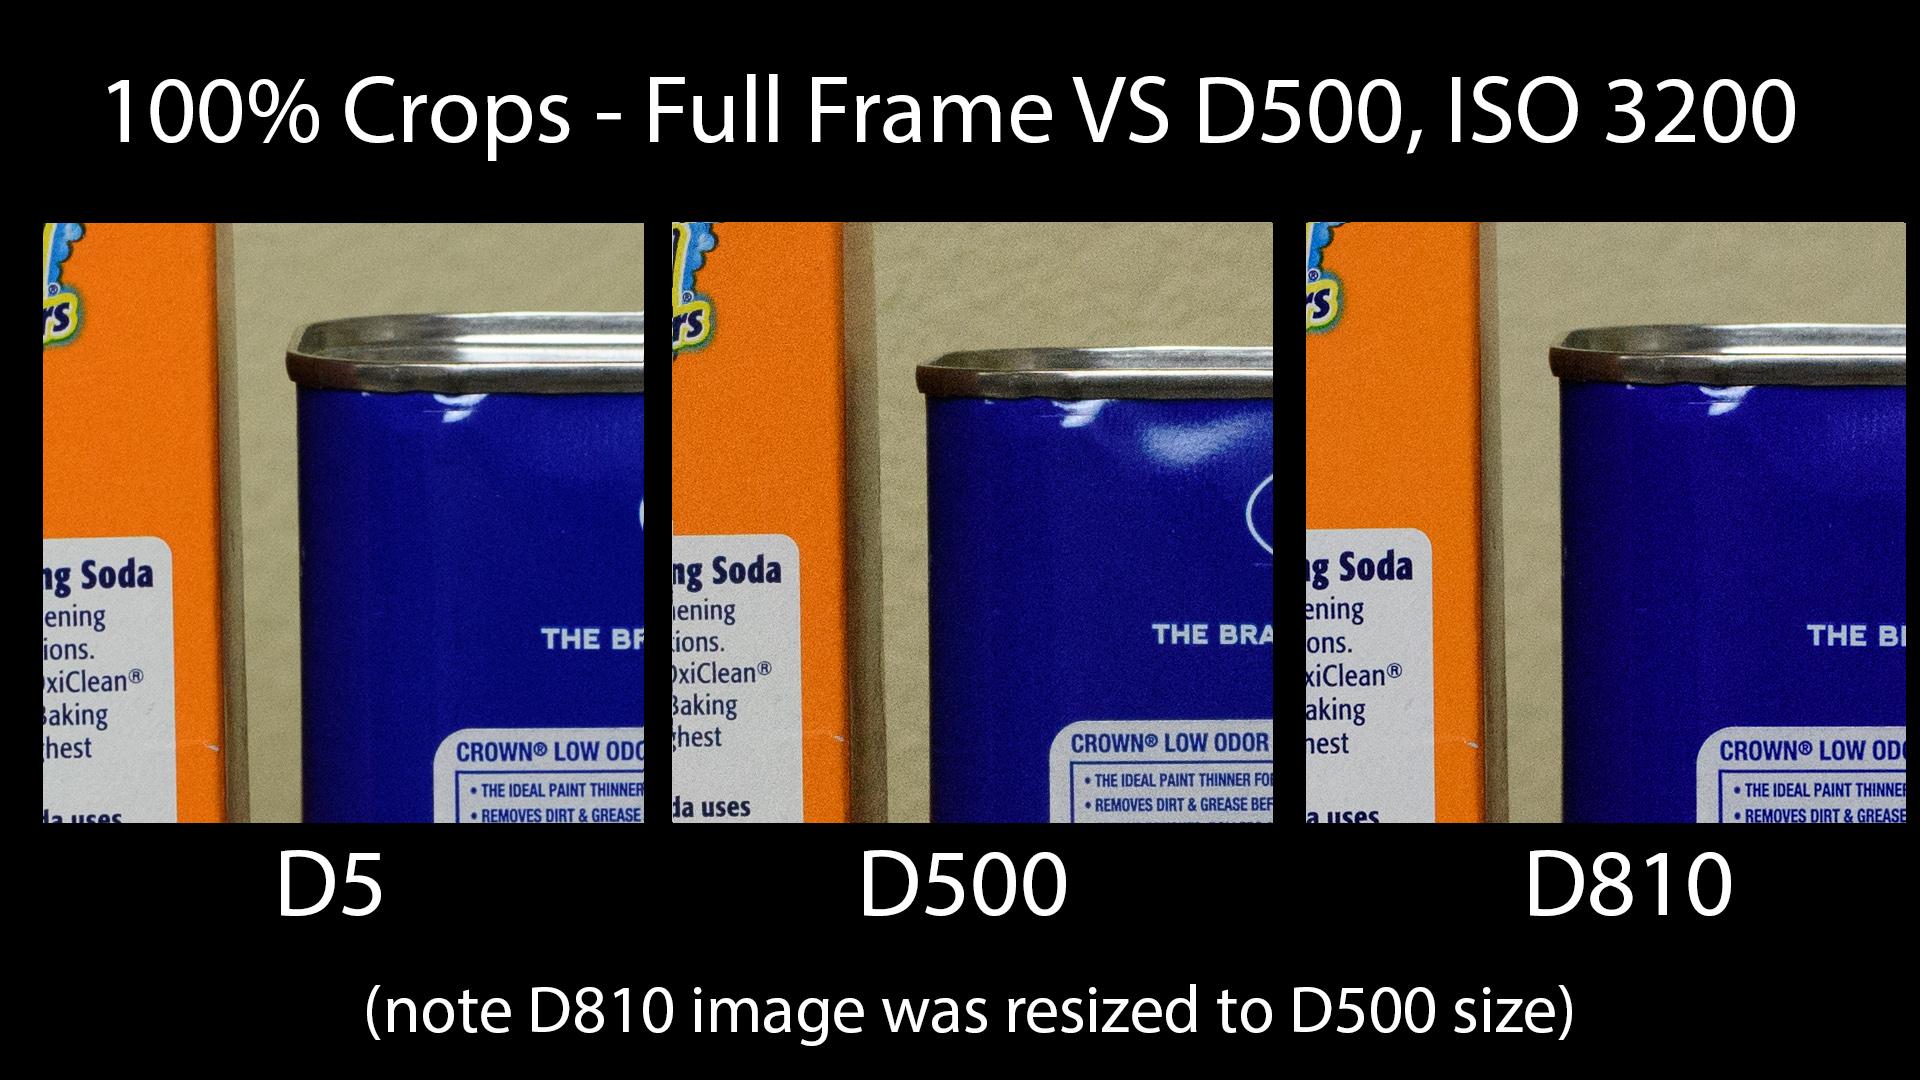 D500 vs FX Cameras ISO 3200